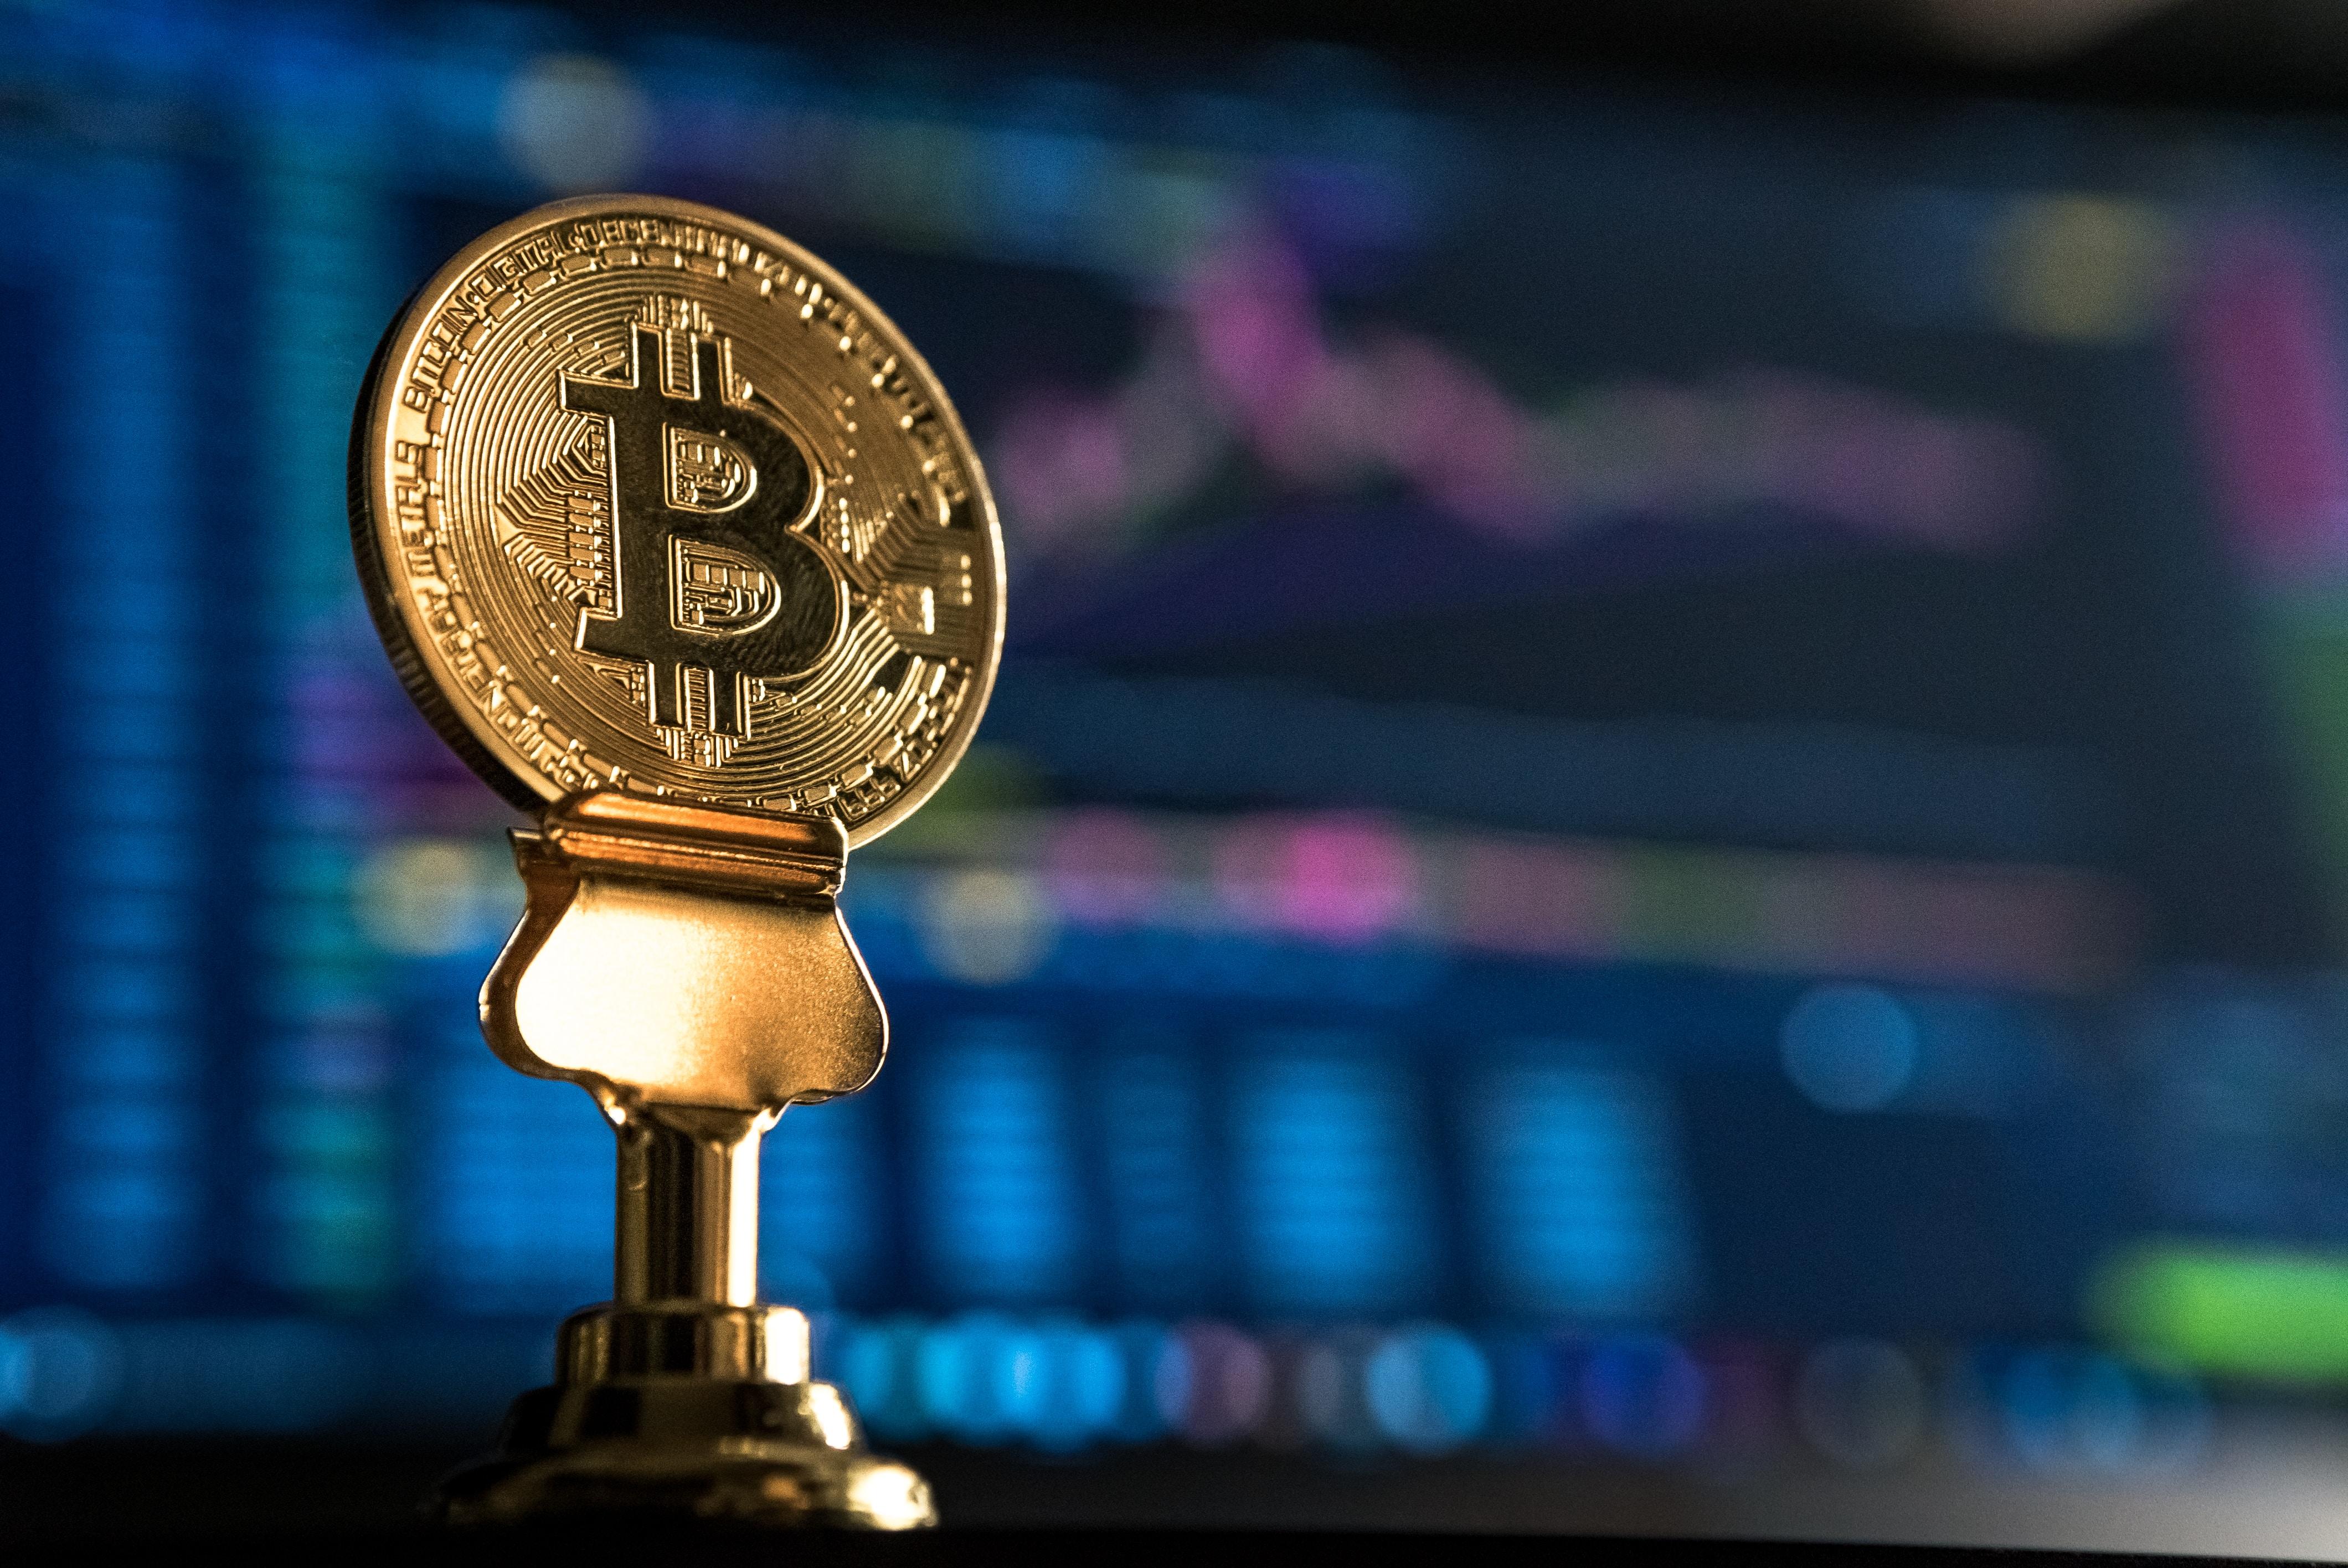 BTC Trading Plattform BitMex setzt Trading aufgrund CFTC in drei Ländern aus